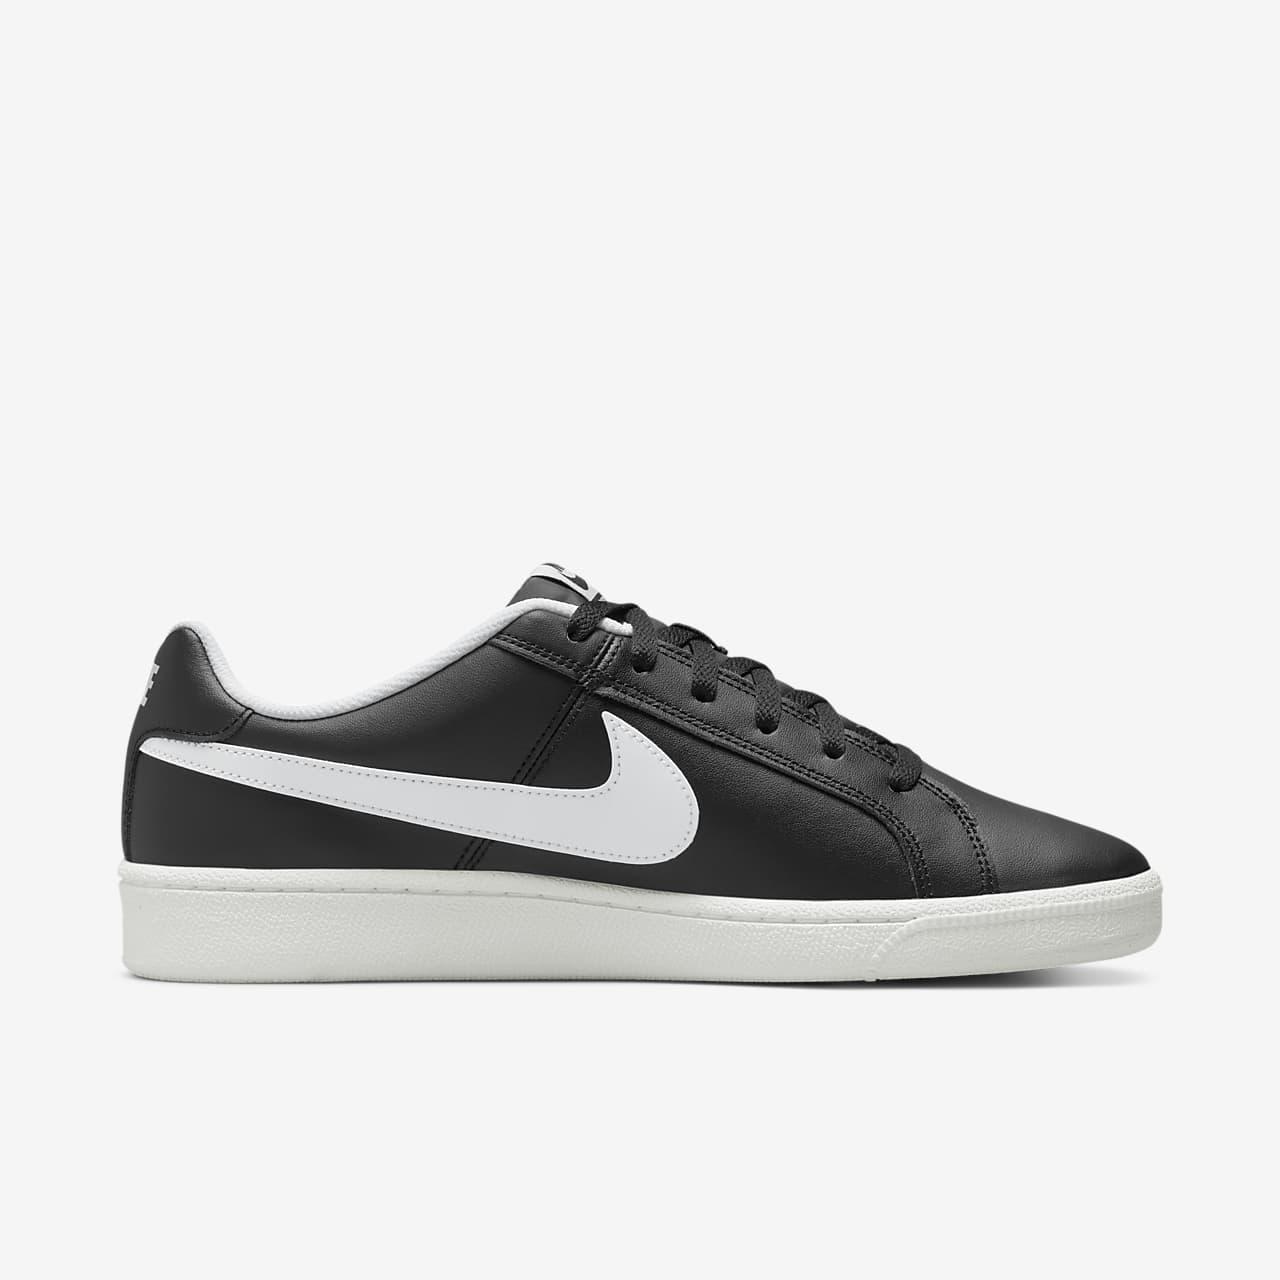 Nike Court Royale wDGNN